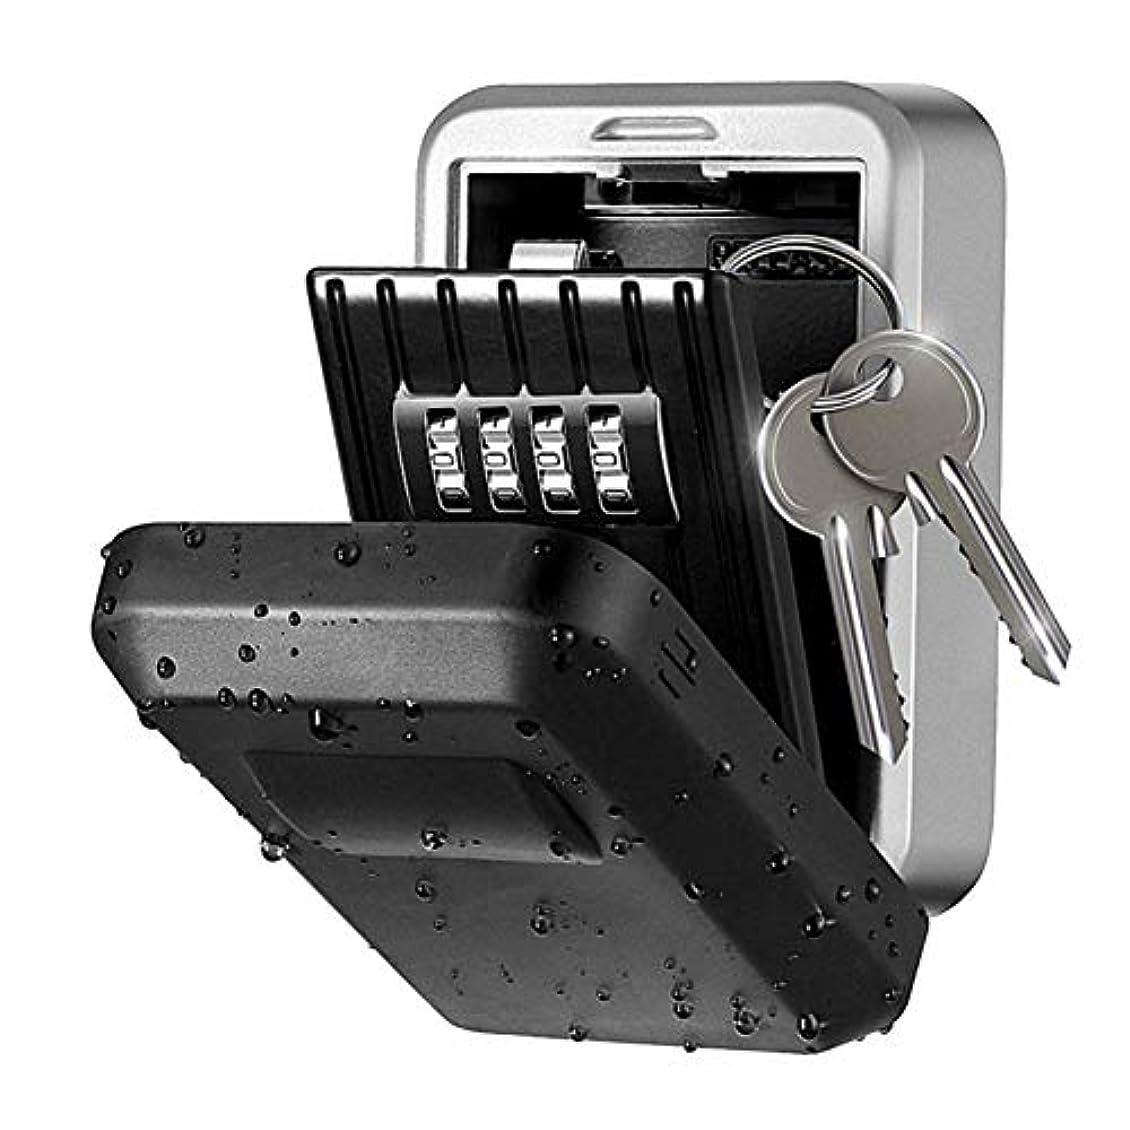 勇者バルブバレーボールKey Storage Box,ZOZOE Wall Mount Key Lock Box - Strong, Metal, Outdoors 4 Digit Combination Wall Mount Key Safe...